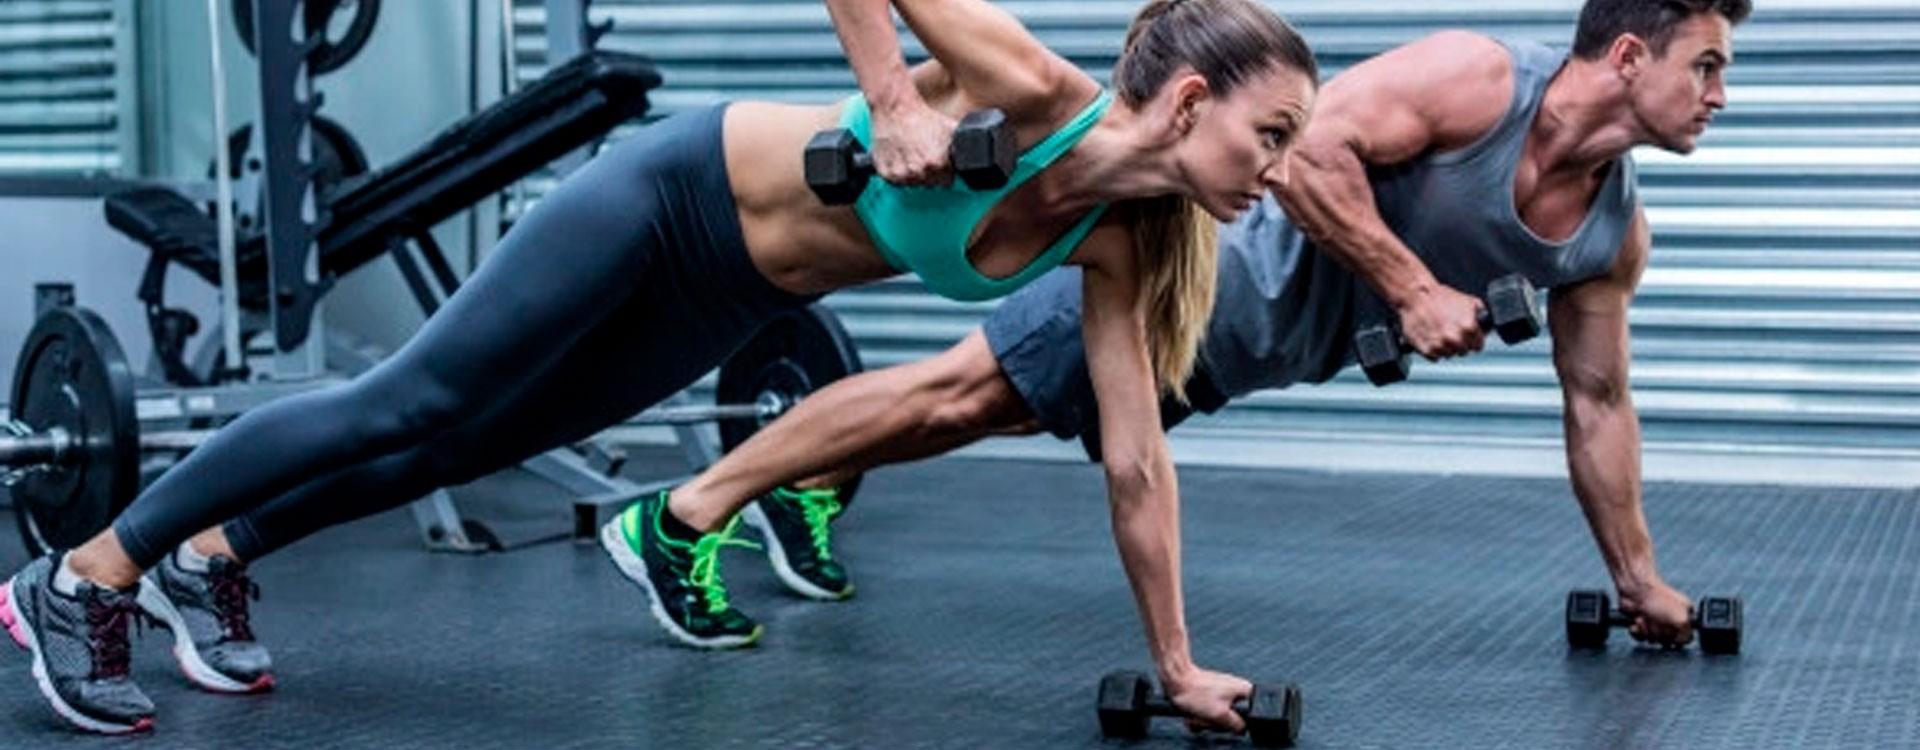 Suplementos para regresar al gym